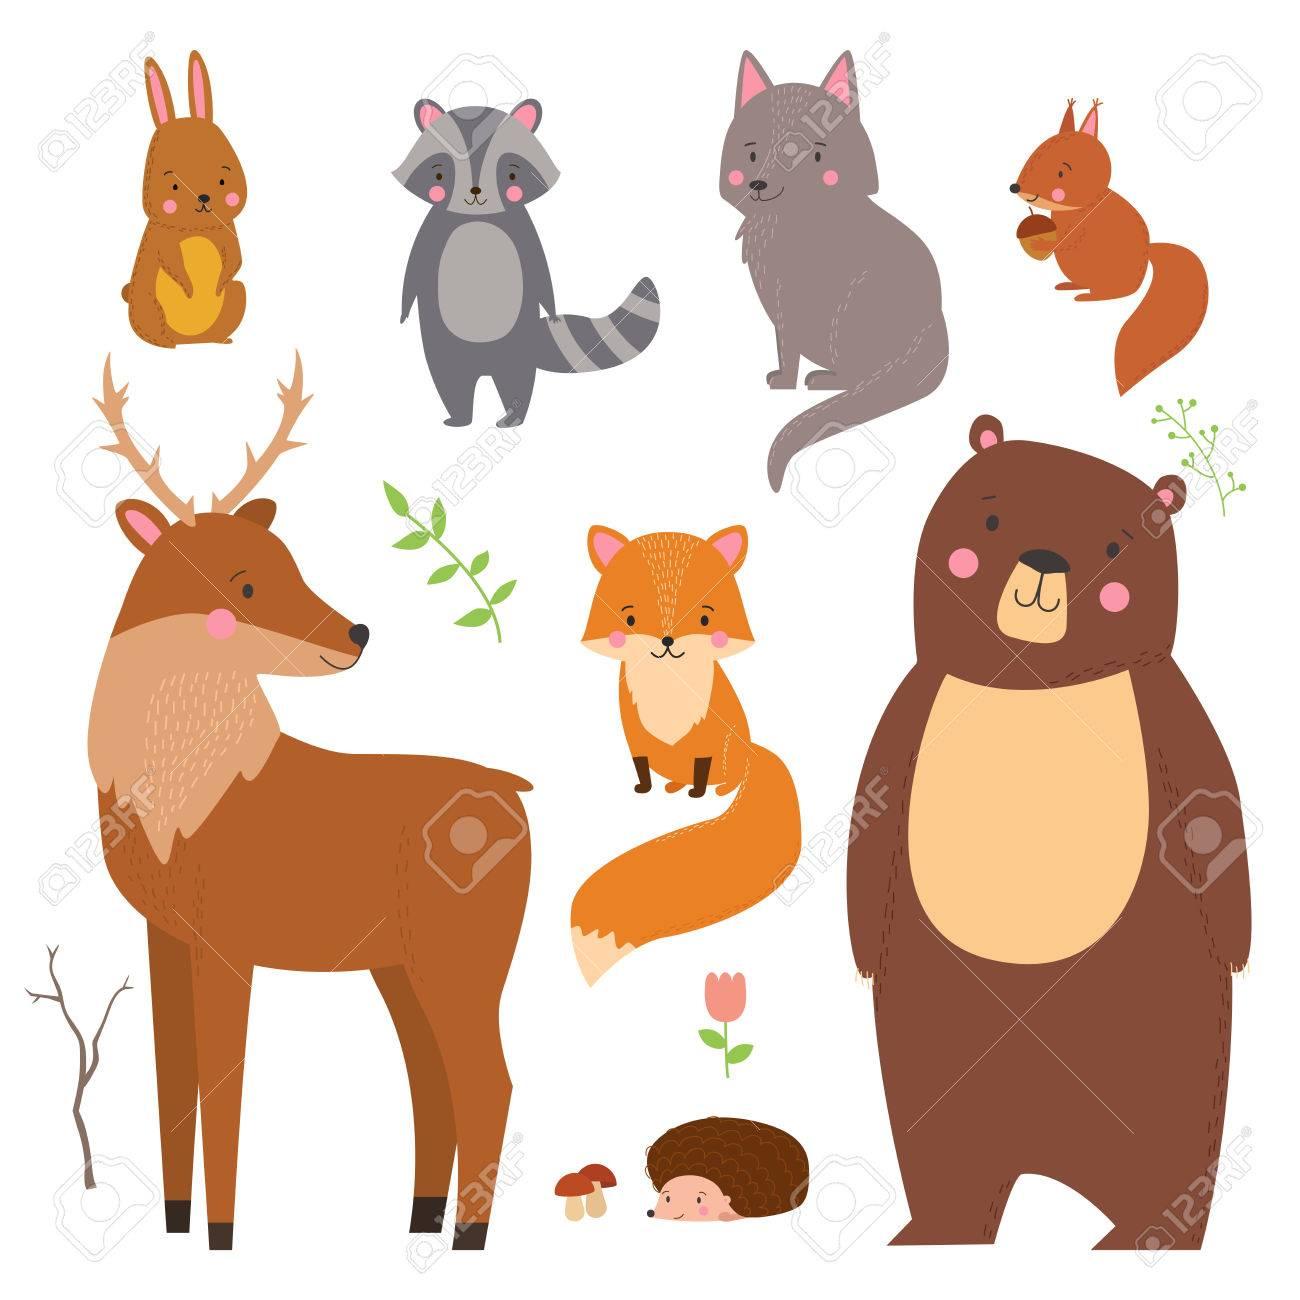 白い背景に分離された森の動物のかわいいイラストのセットです。子供